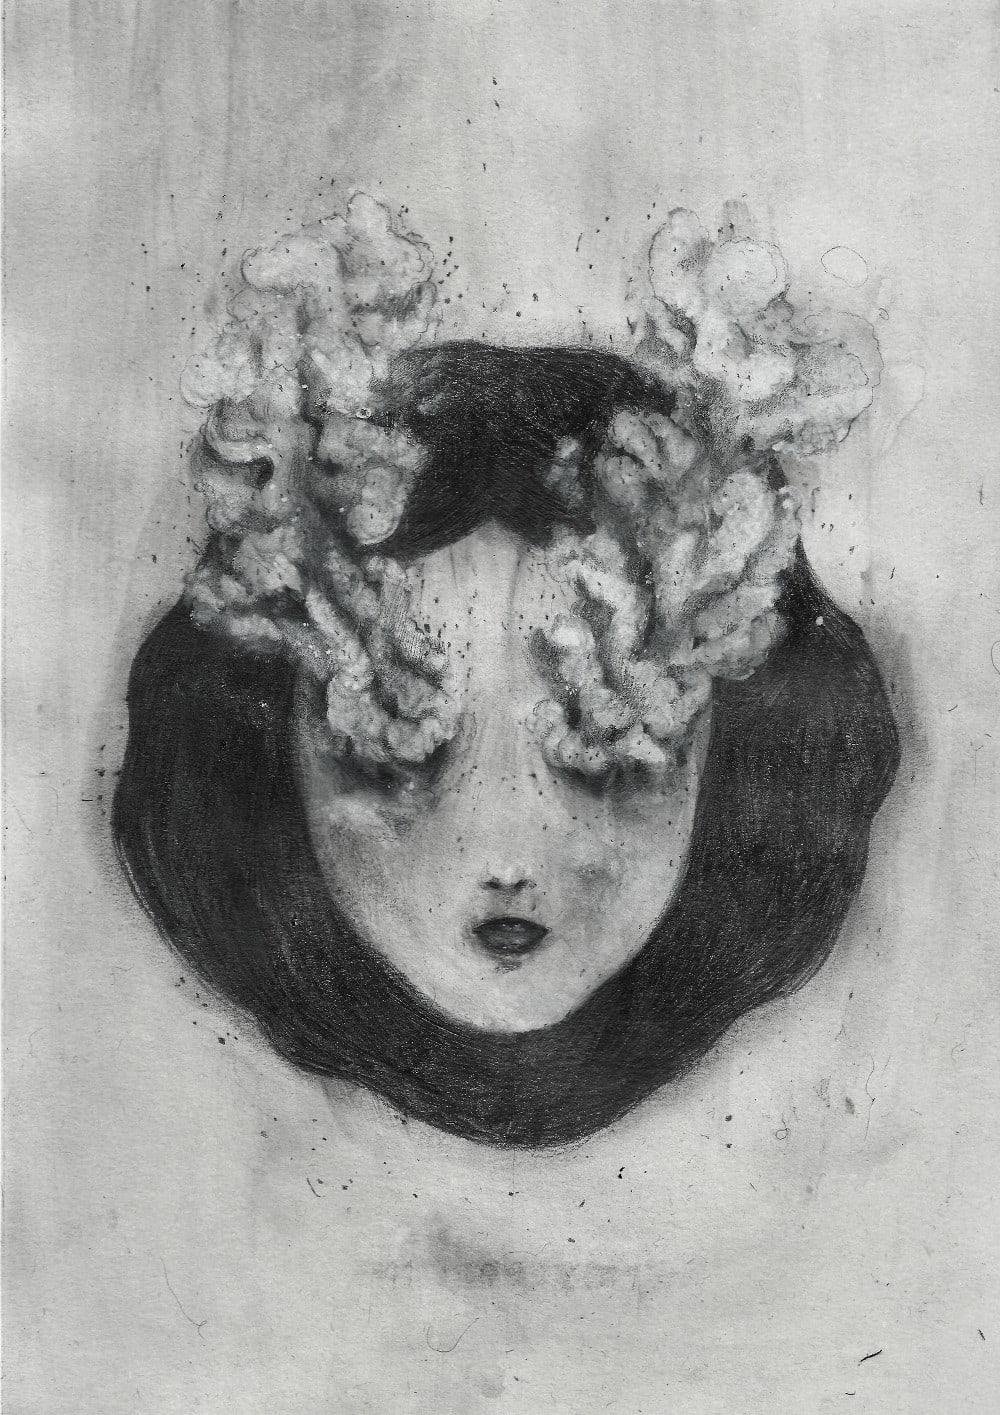 Sogno N.1 - Illustrato da Alessia Castellano